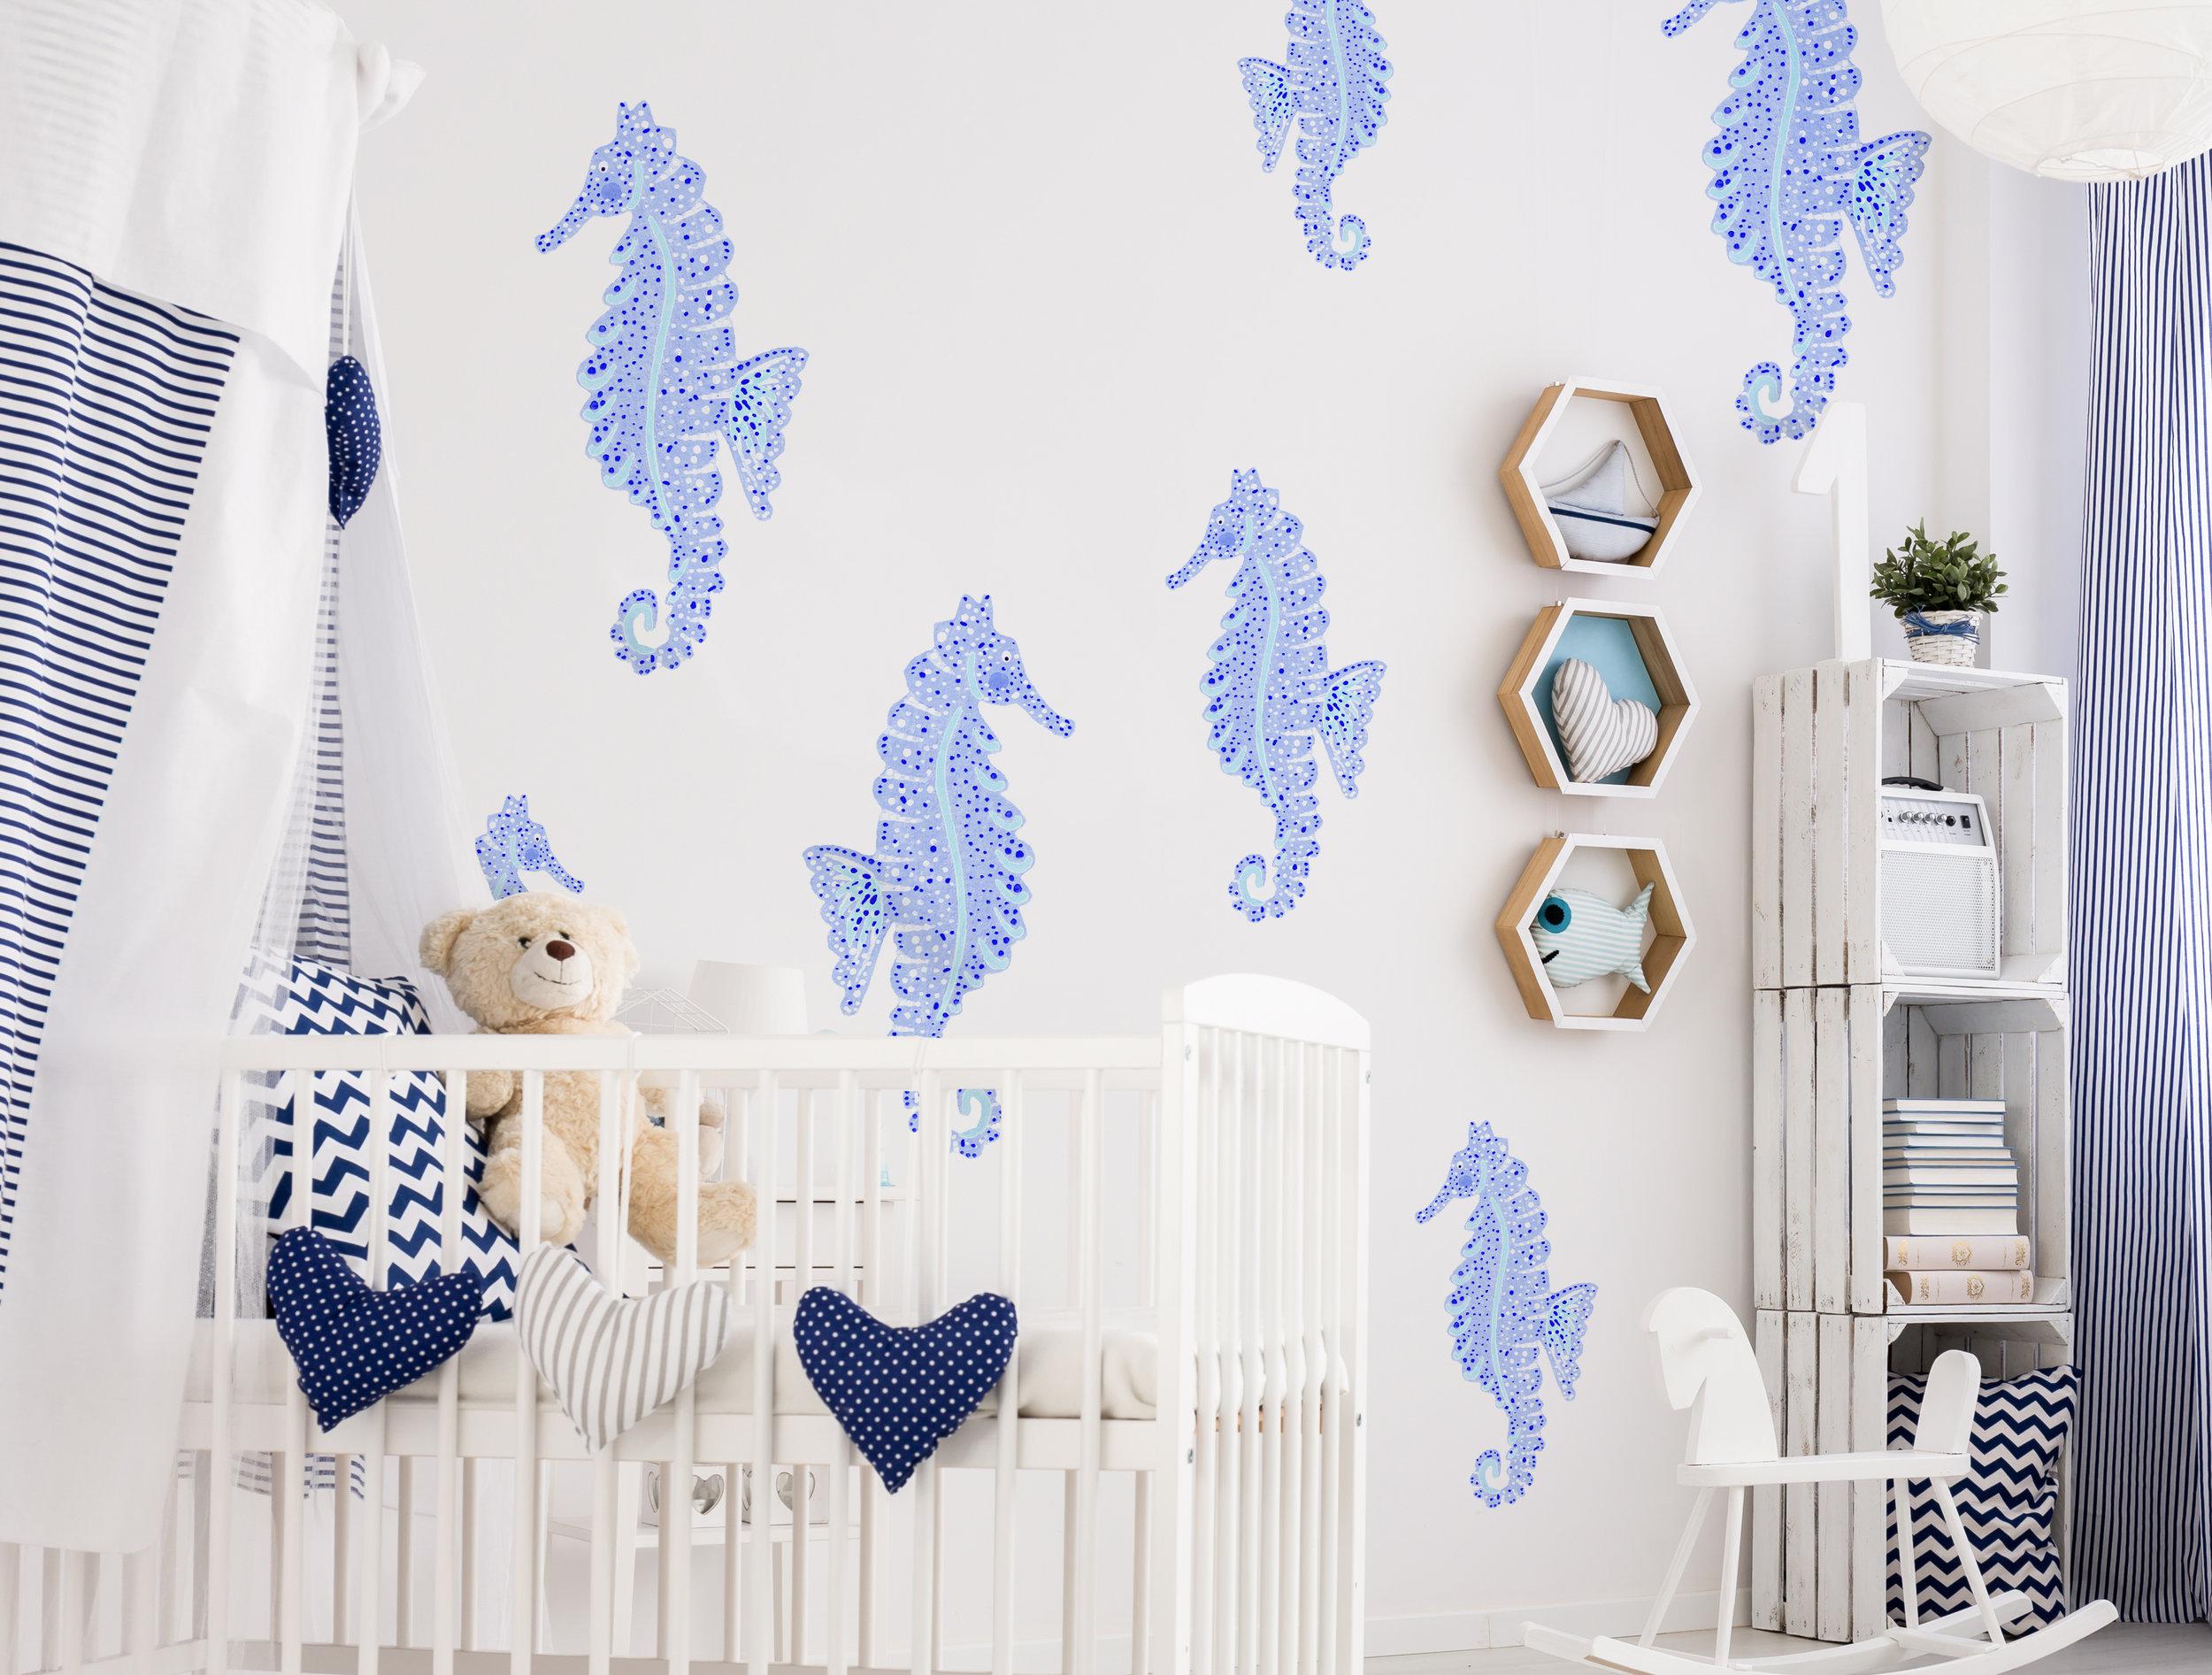 Roomview-Seahorse-painted-maryclare-wilkie-urbanwalls.jpg